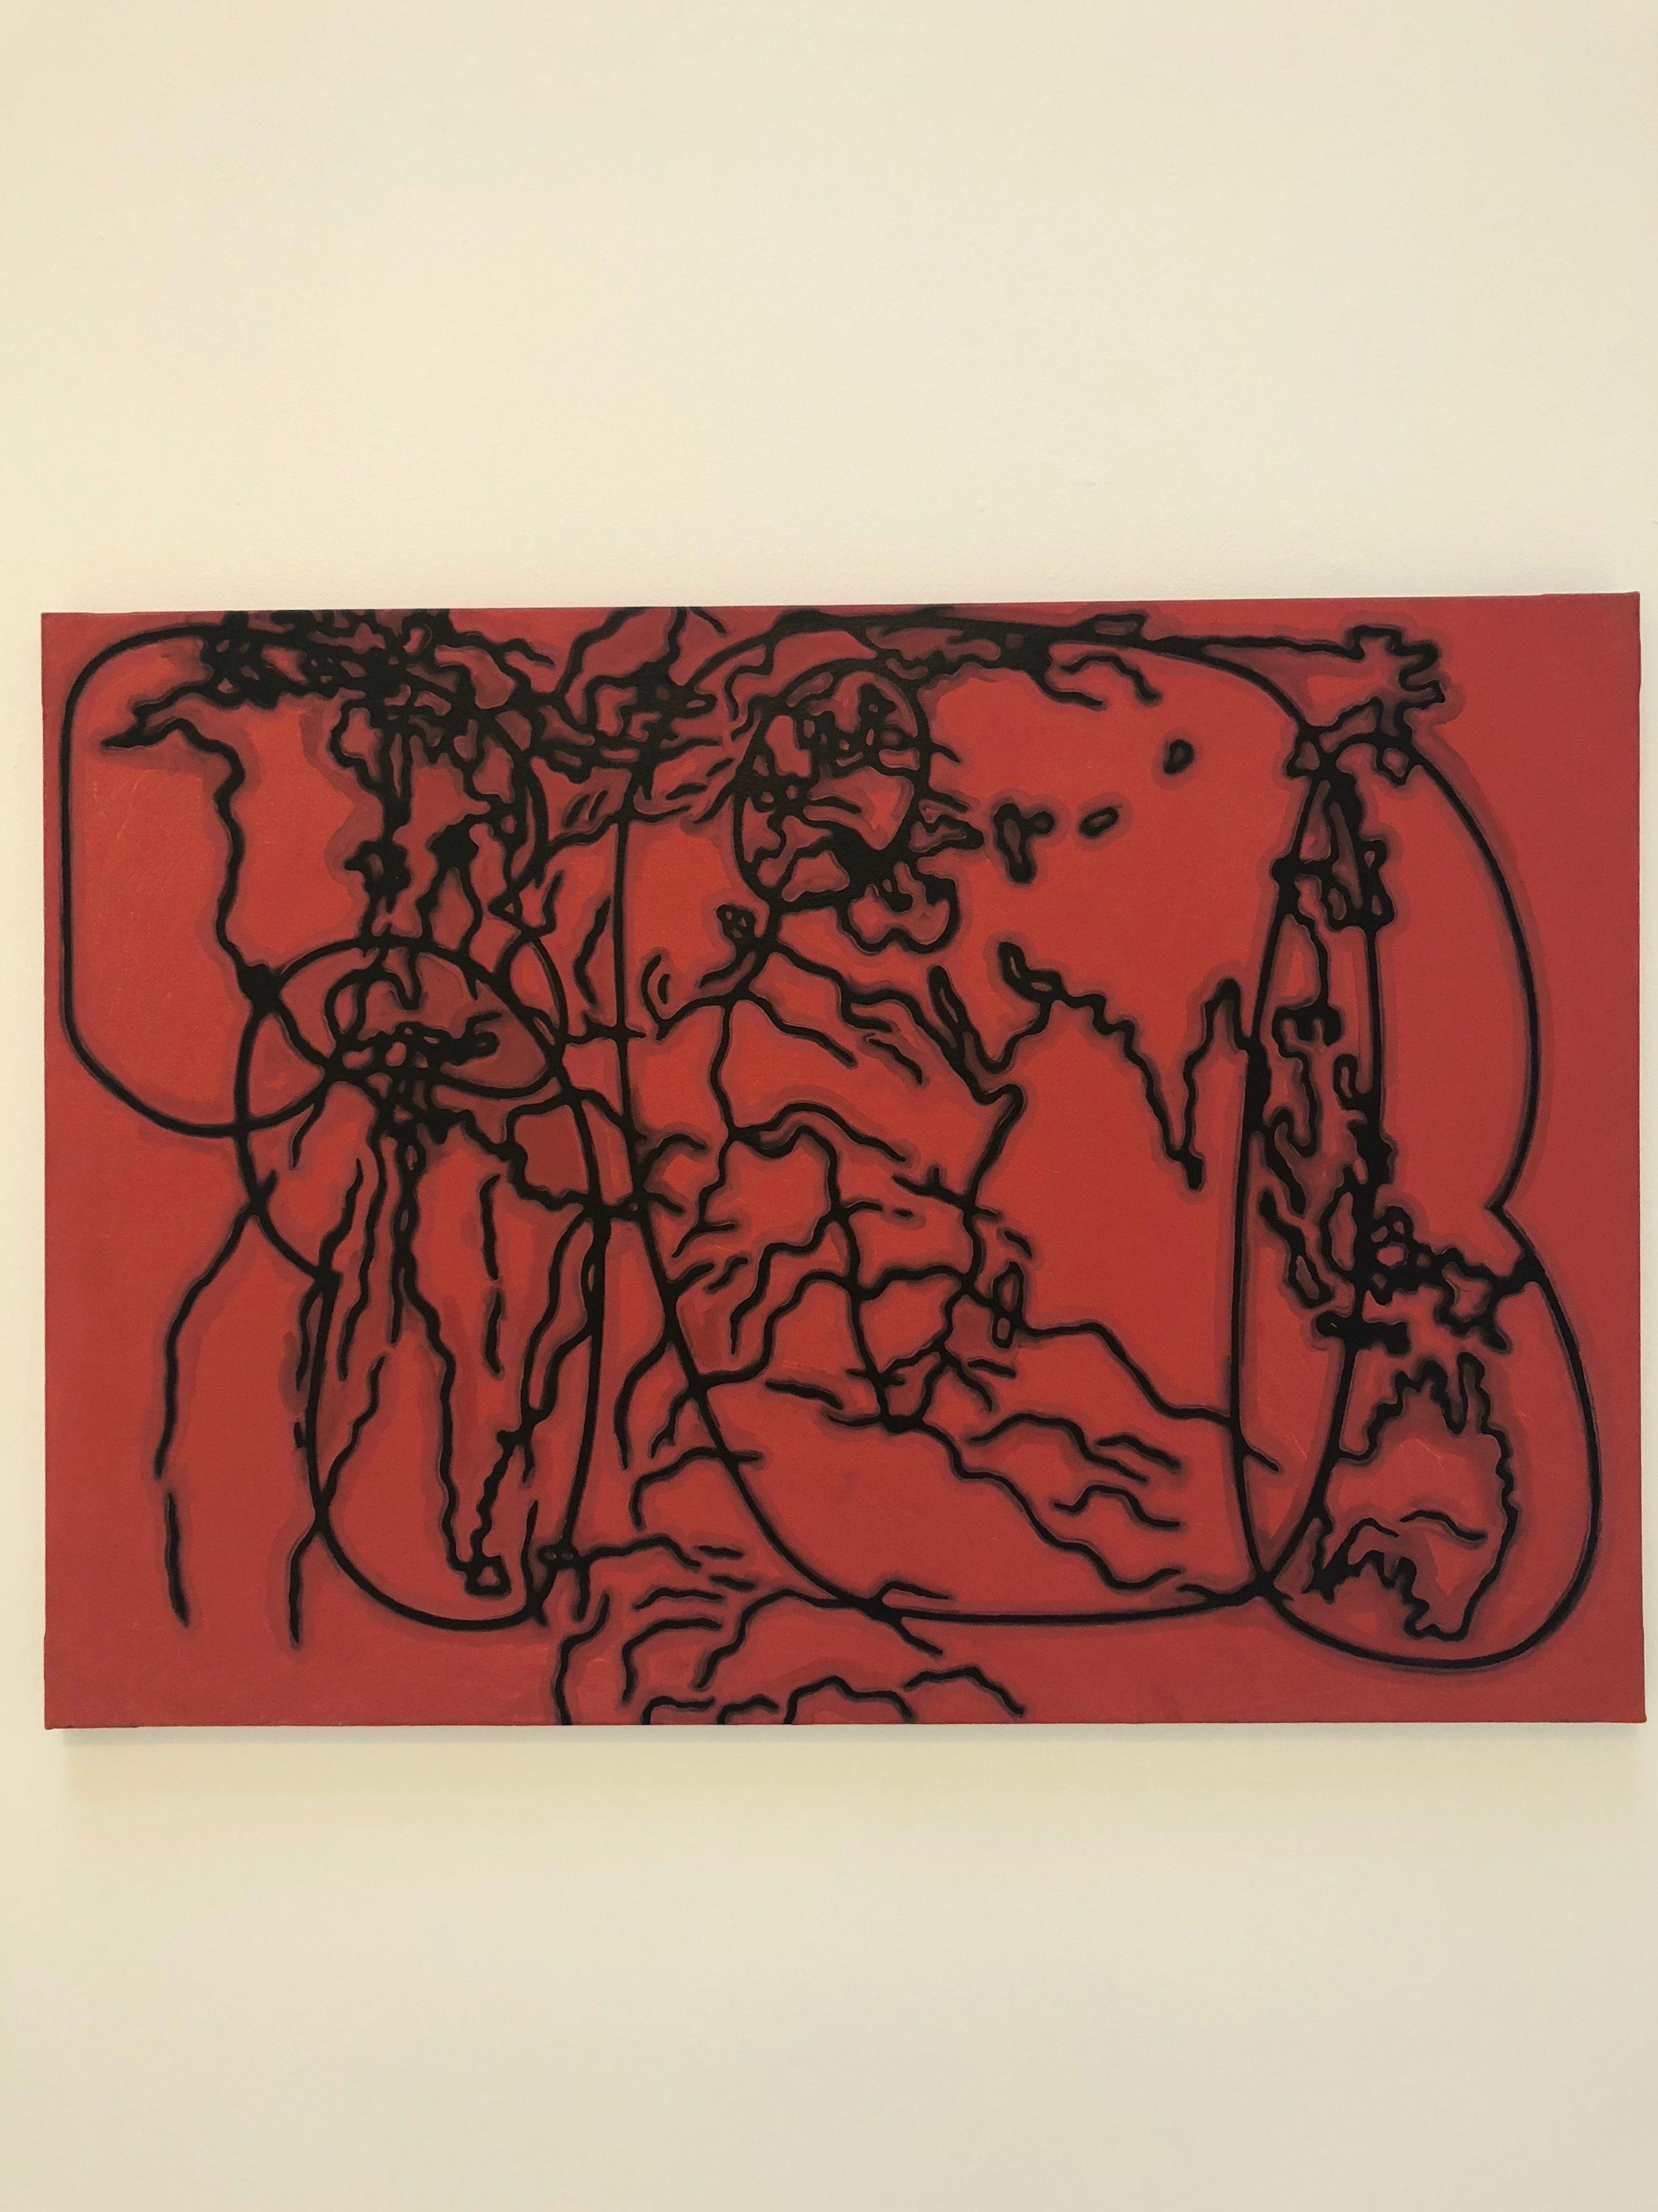 Yamandu Canosa's exhibition at Arte Aurora Barcelona